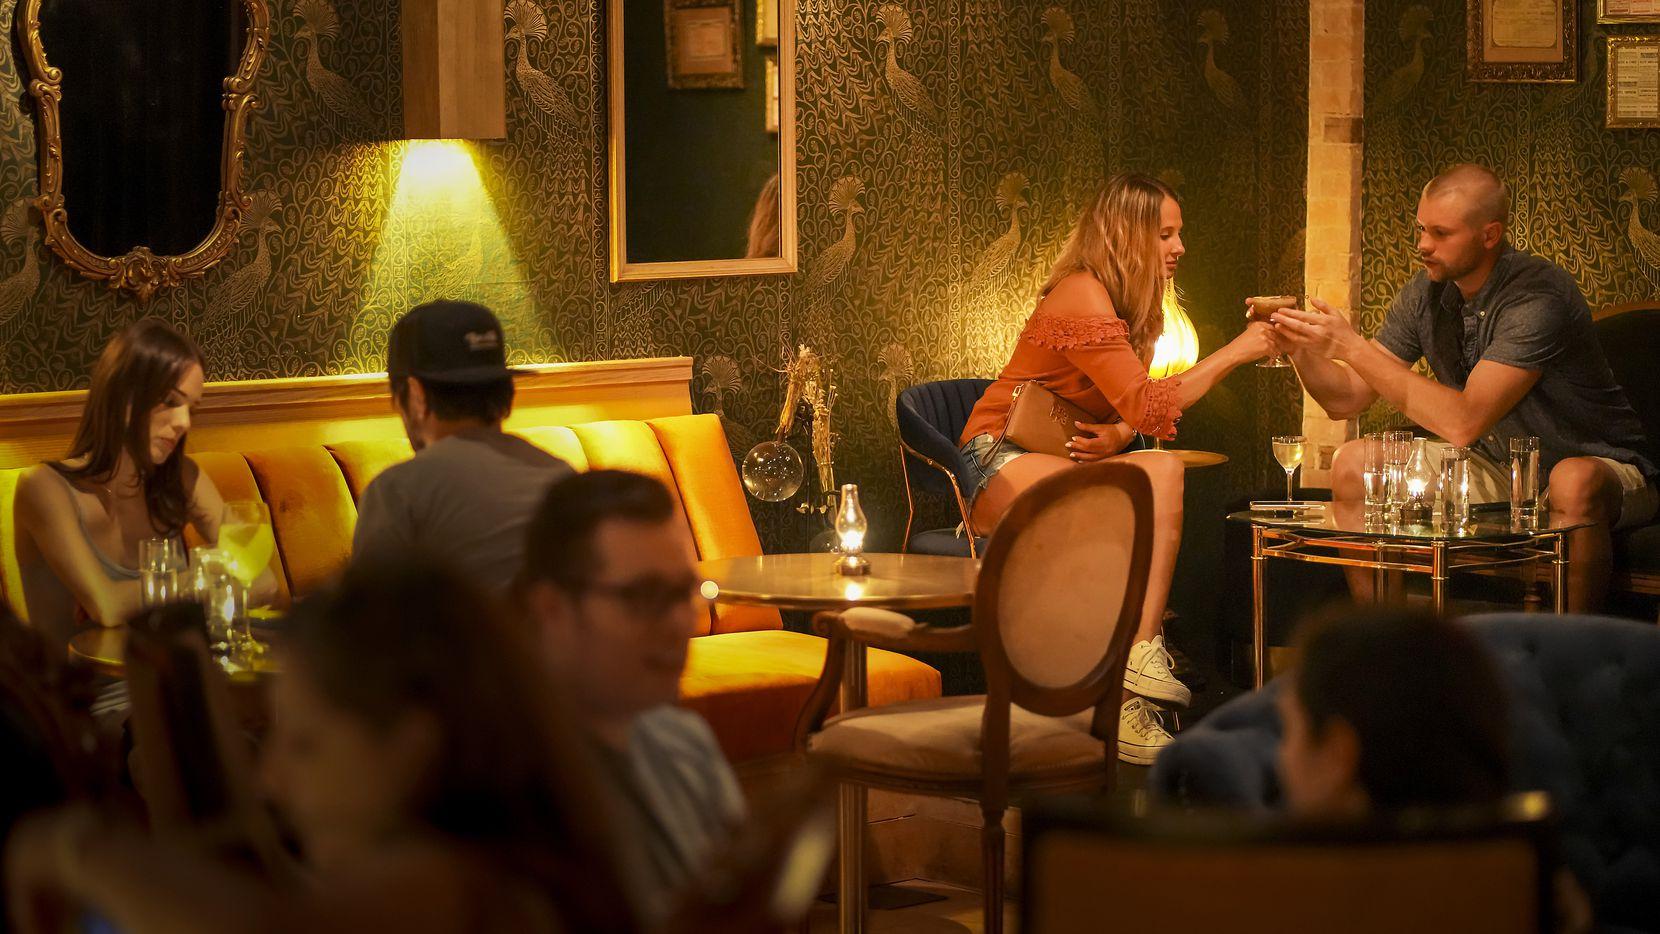 Heather Lustig y Jack Beale (atrás) comparten una bebida en Apothecary, un nuevo bar en Lowest Greenville, el 8 de julio de 2021 en Dallas.